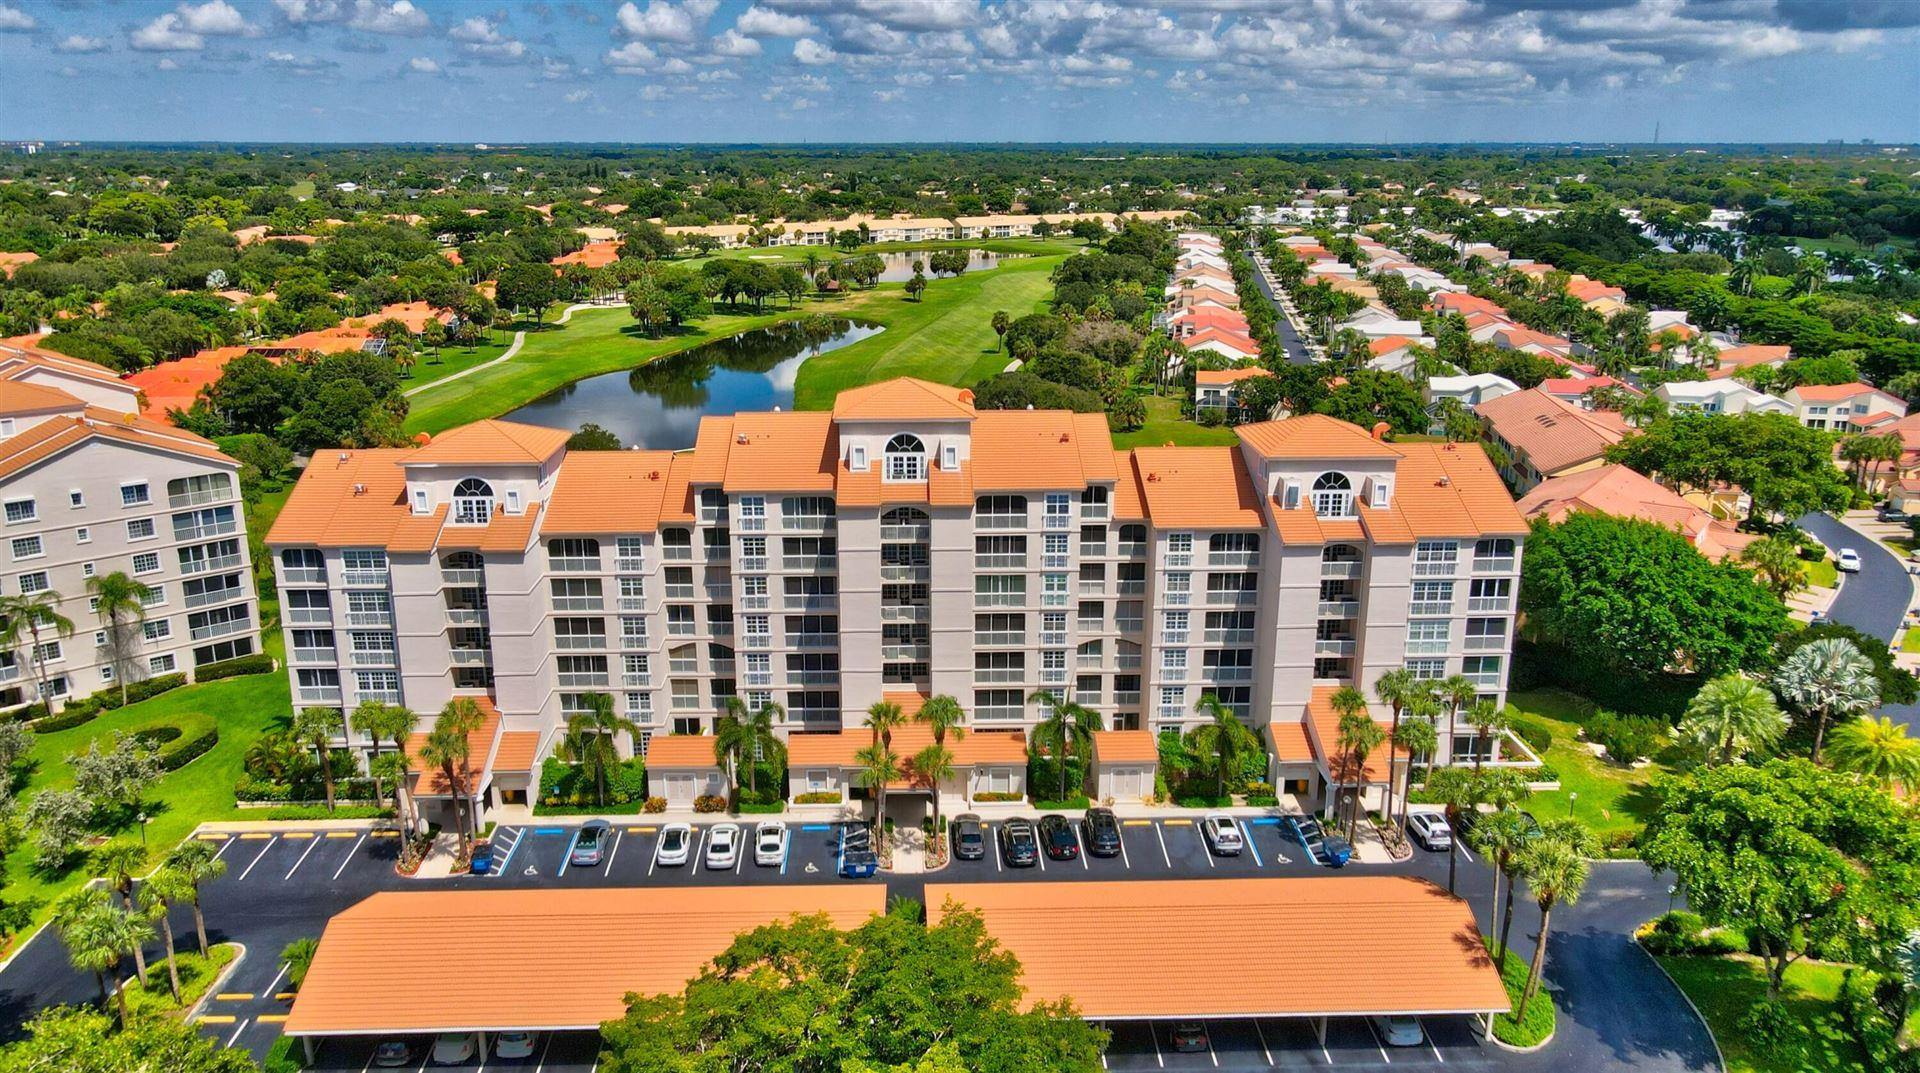 17047 Boca Club Boulevard #124a, Boca Raton, FL 33487 - MLS#: RX-10742378